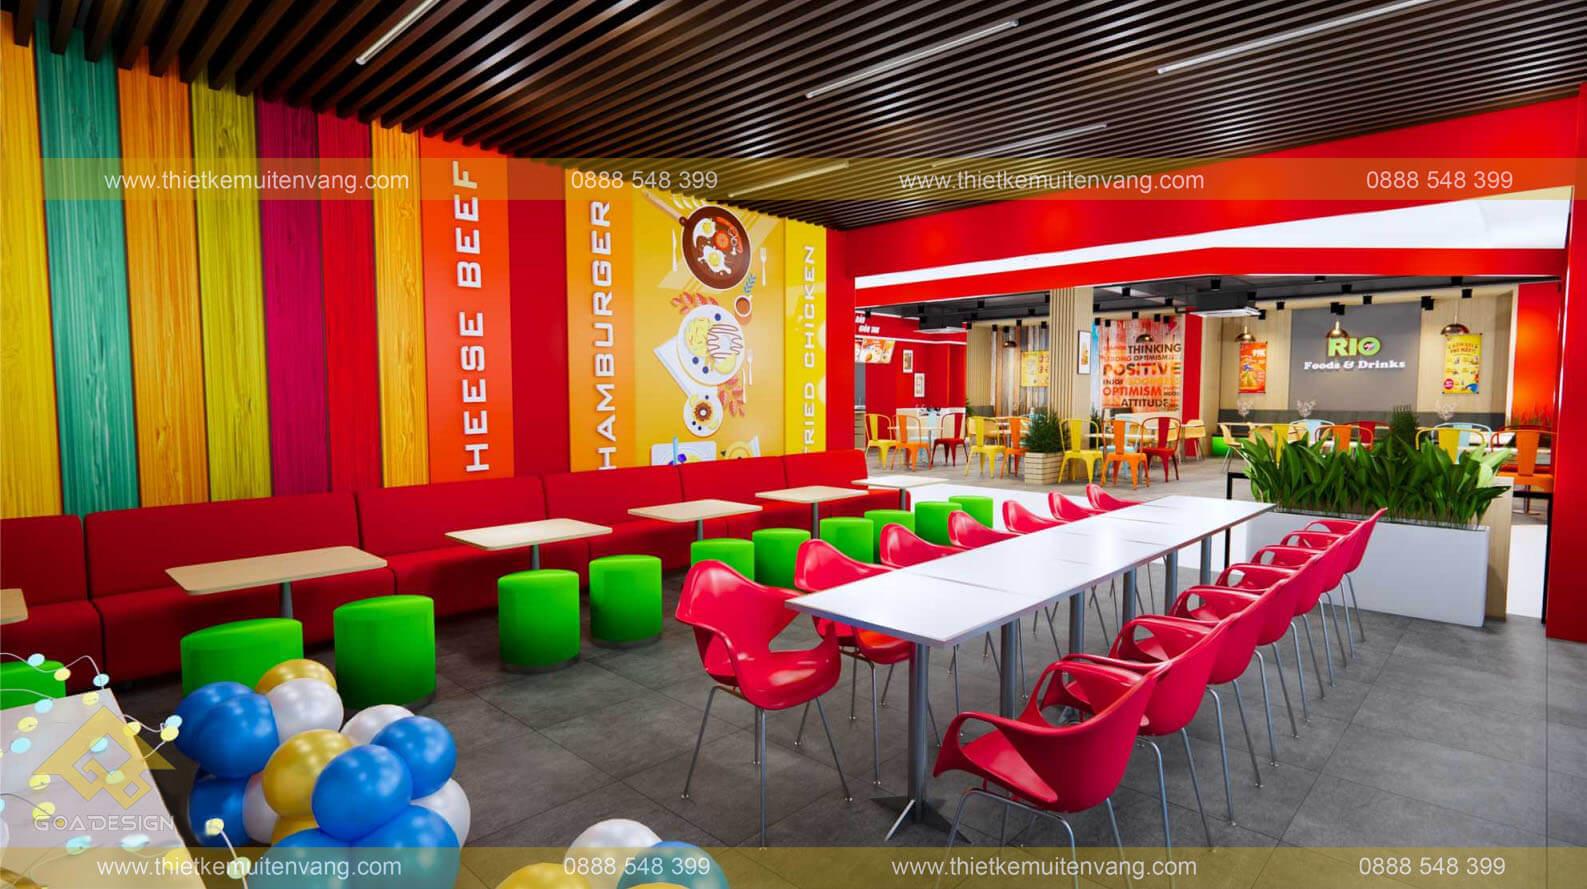 GOADESIGN Tư vấn thiết kế thi công Food & Drink Rio (28)